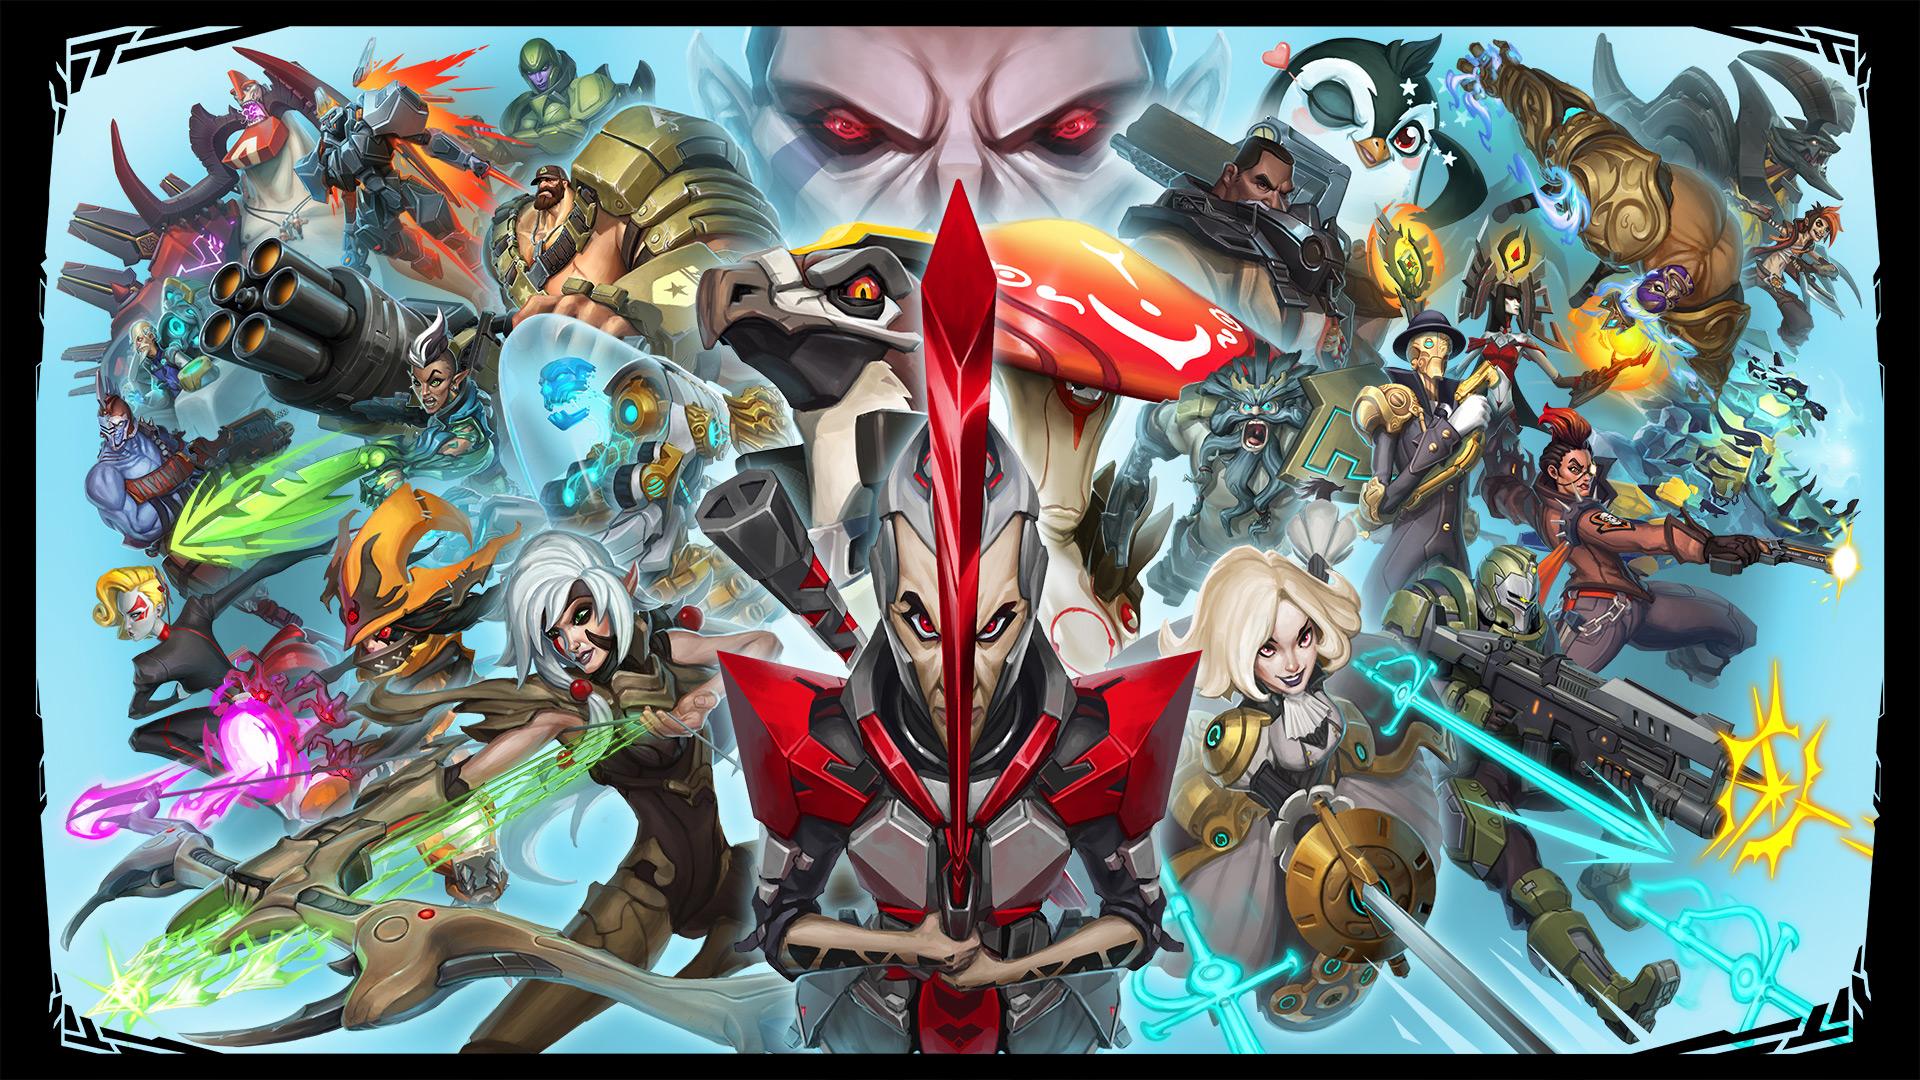 La historia de de Battleborn llega en comics animados